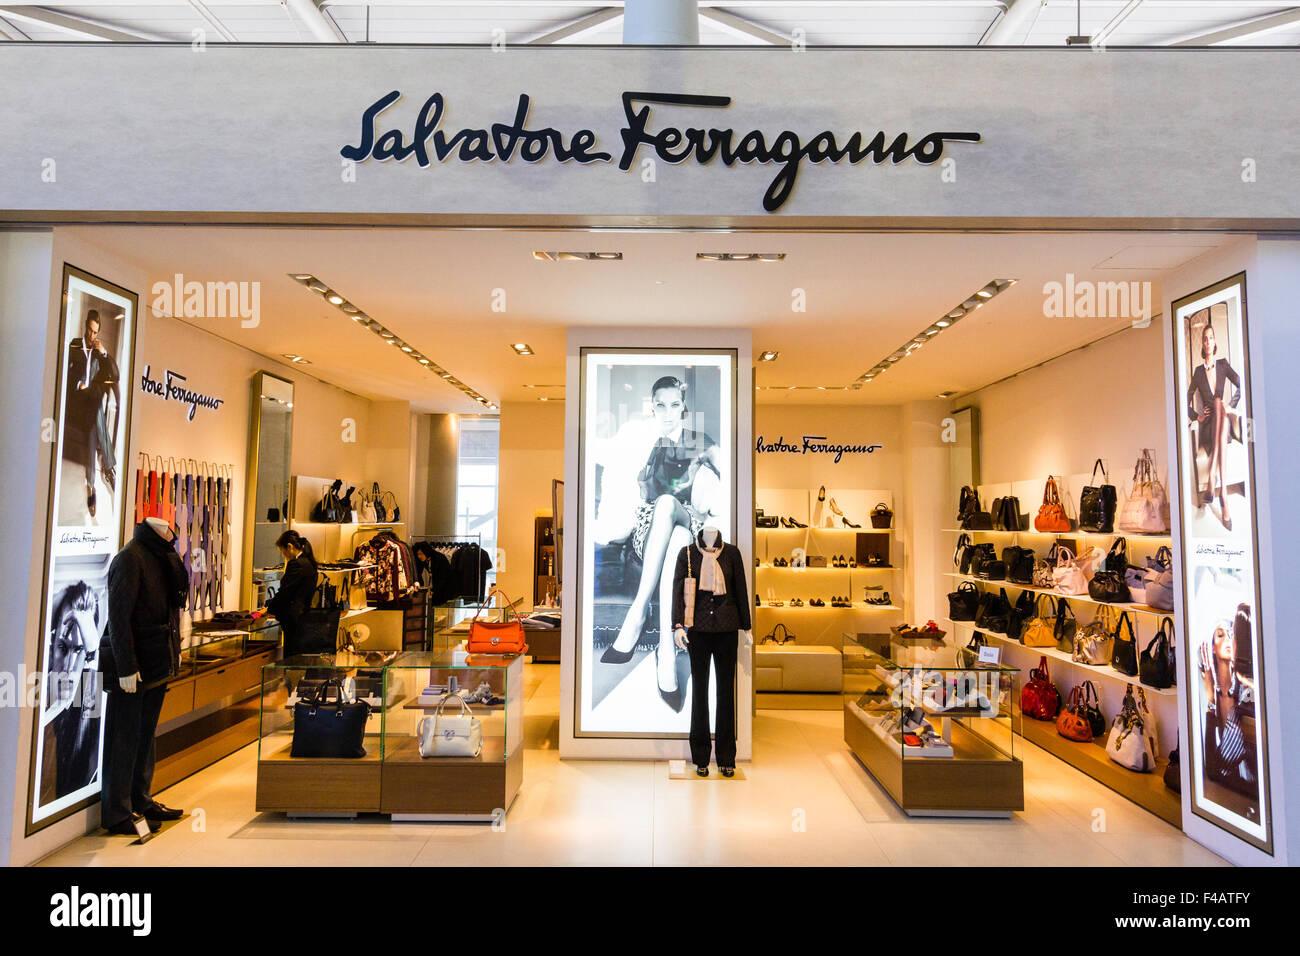 Salvatore Ferragamo Shoe Store